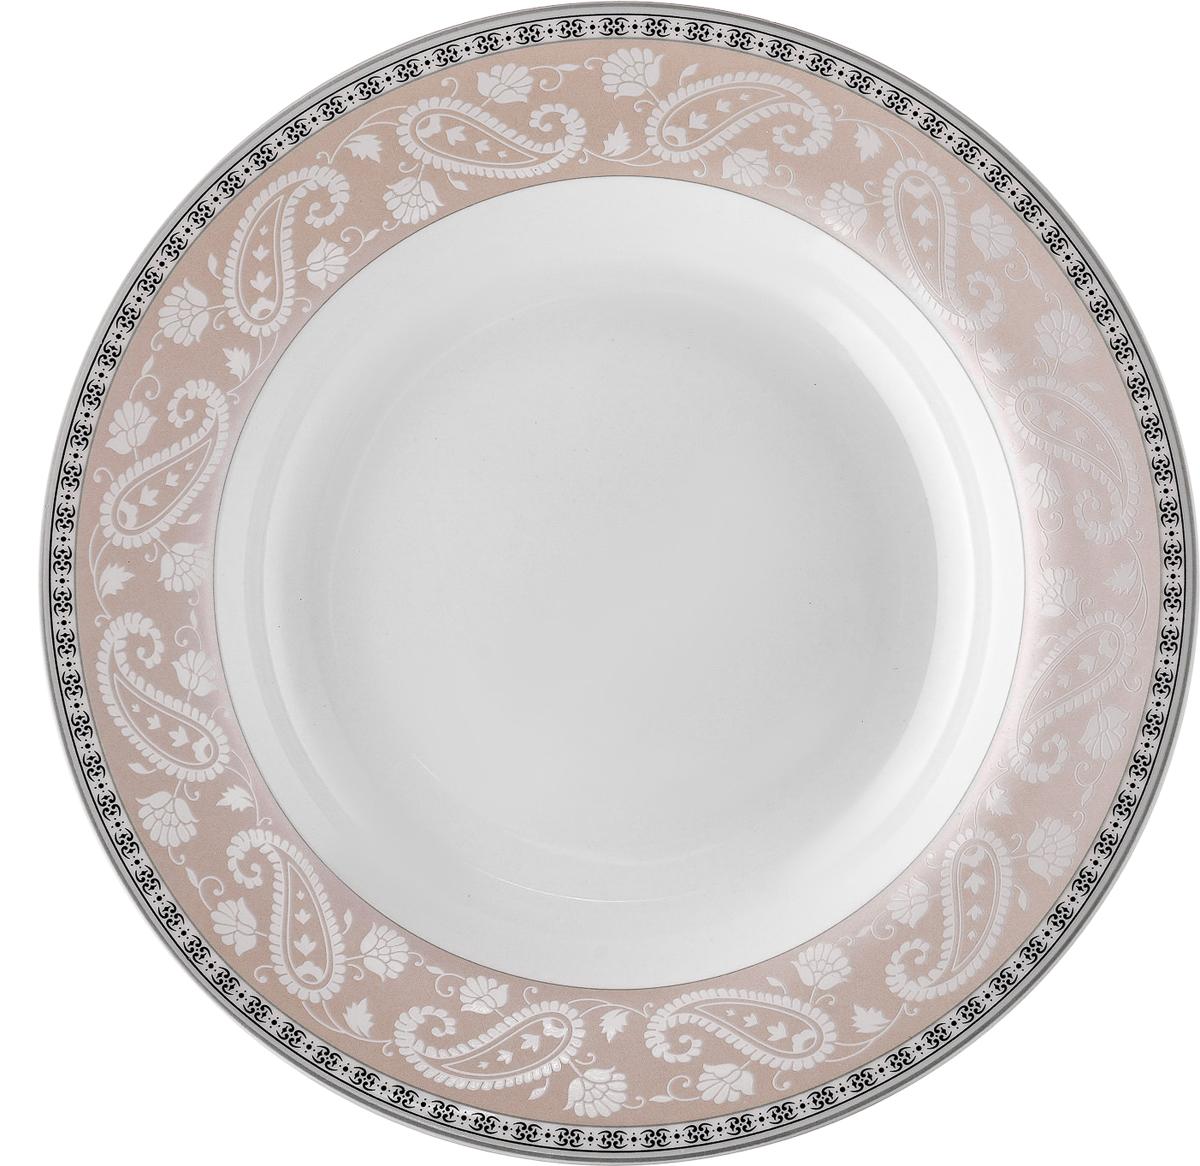 Набор обеденных тарелок Esprado Arista Rose, диаметр 22,5 см, 6 шт чайный набор esprado arista rose